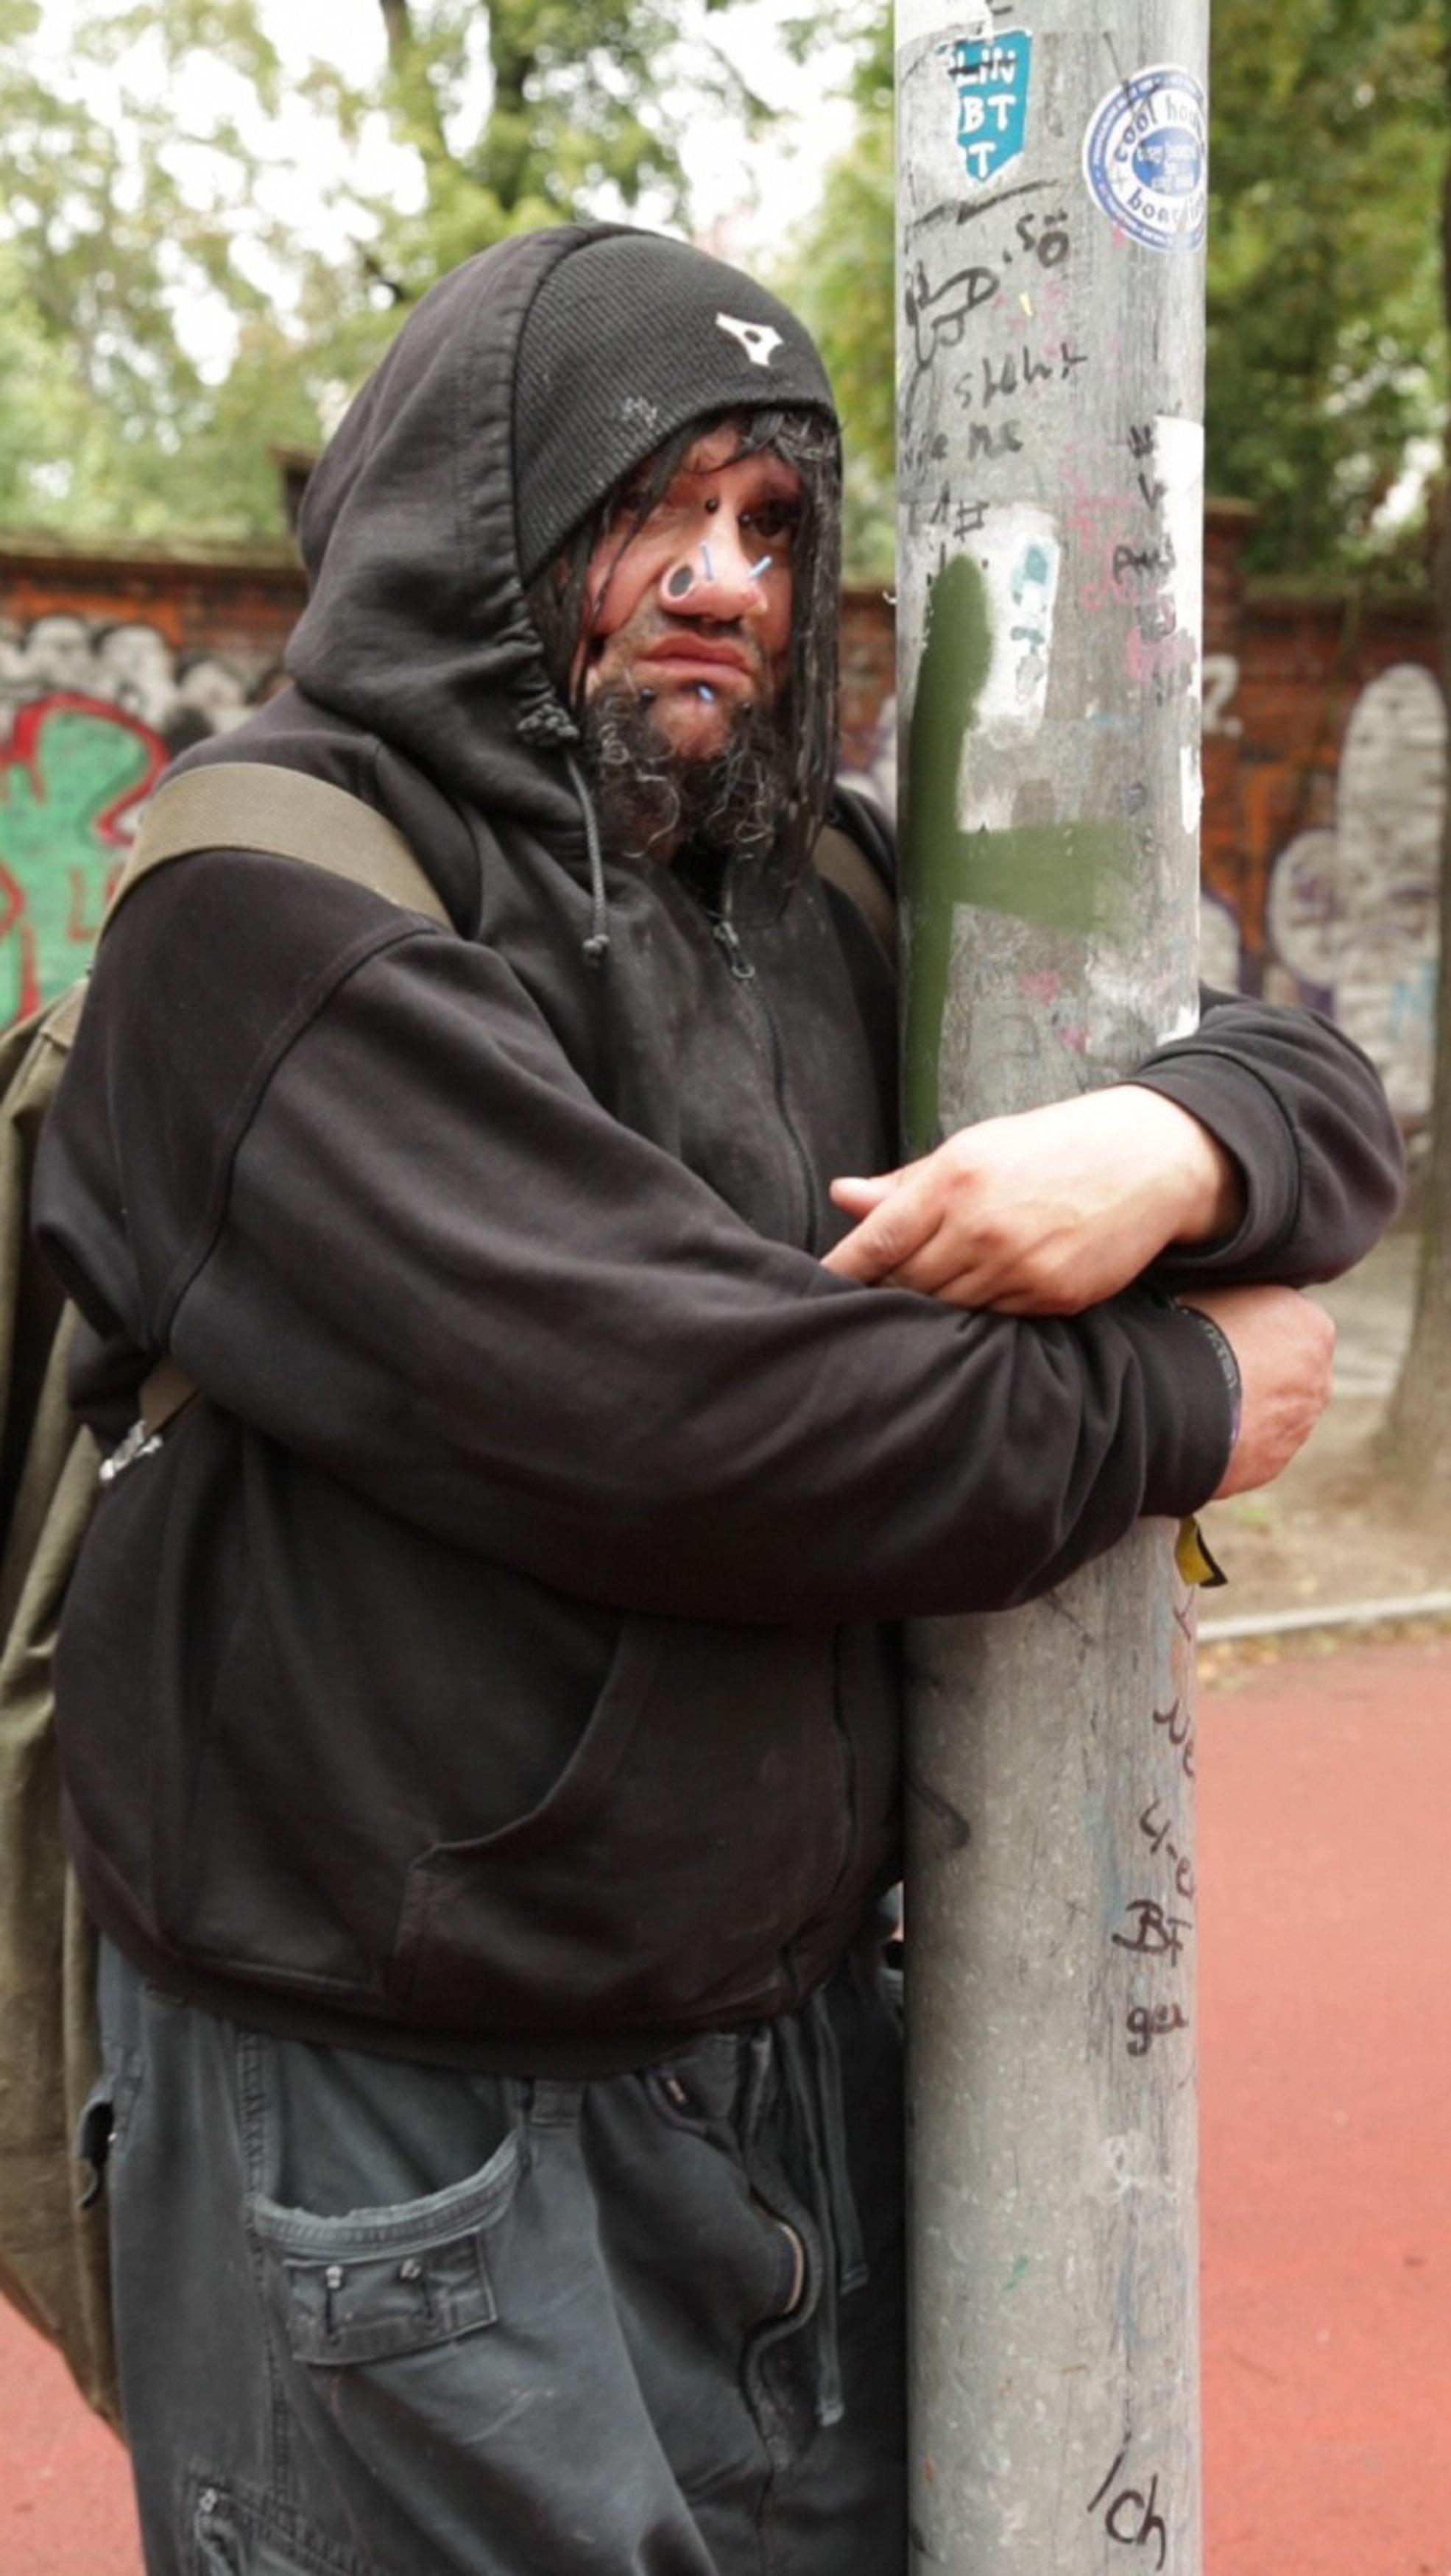 Ulf Aminde - Hüter der Stelle, 2011